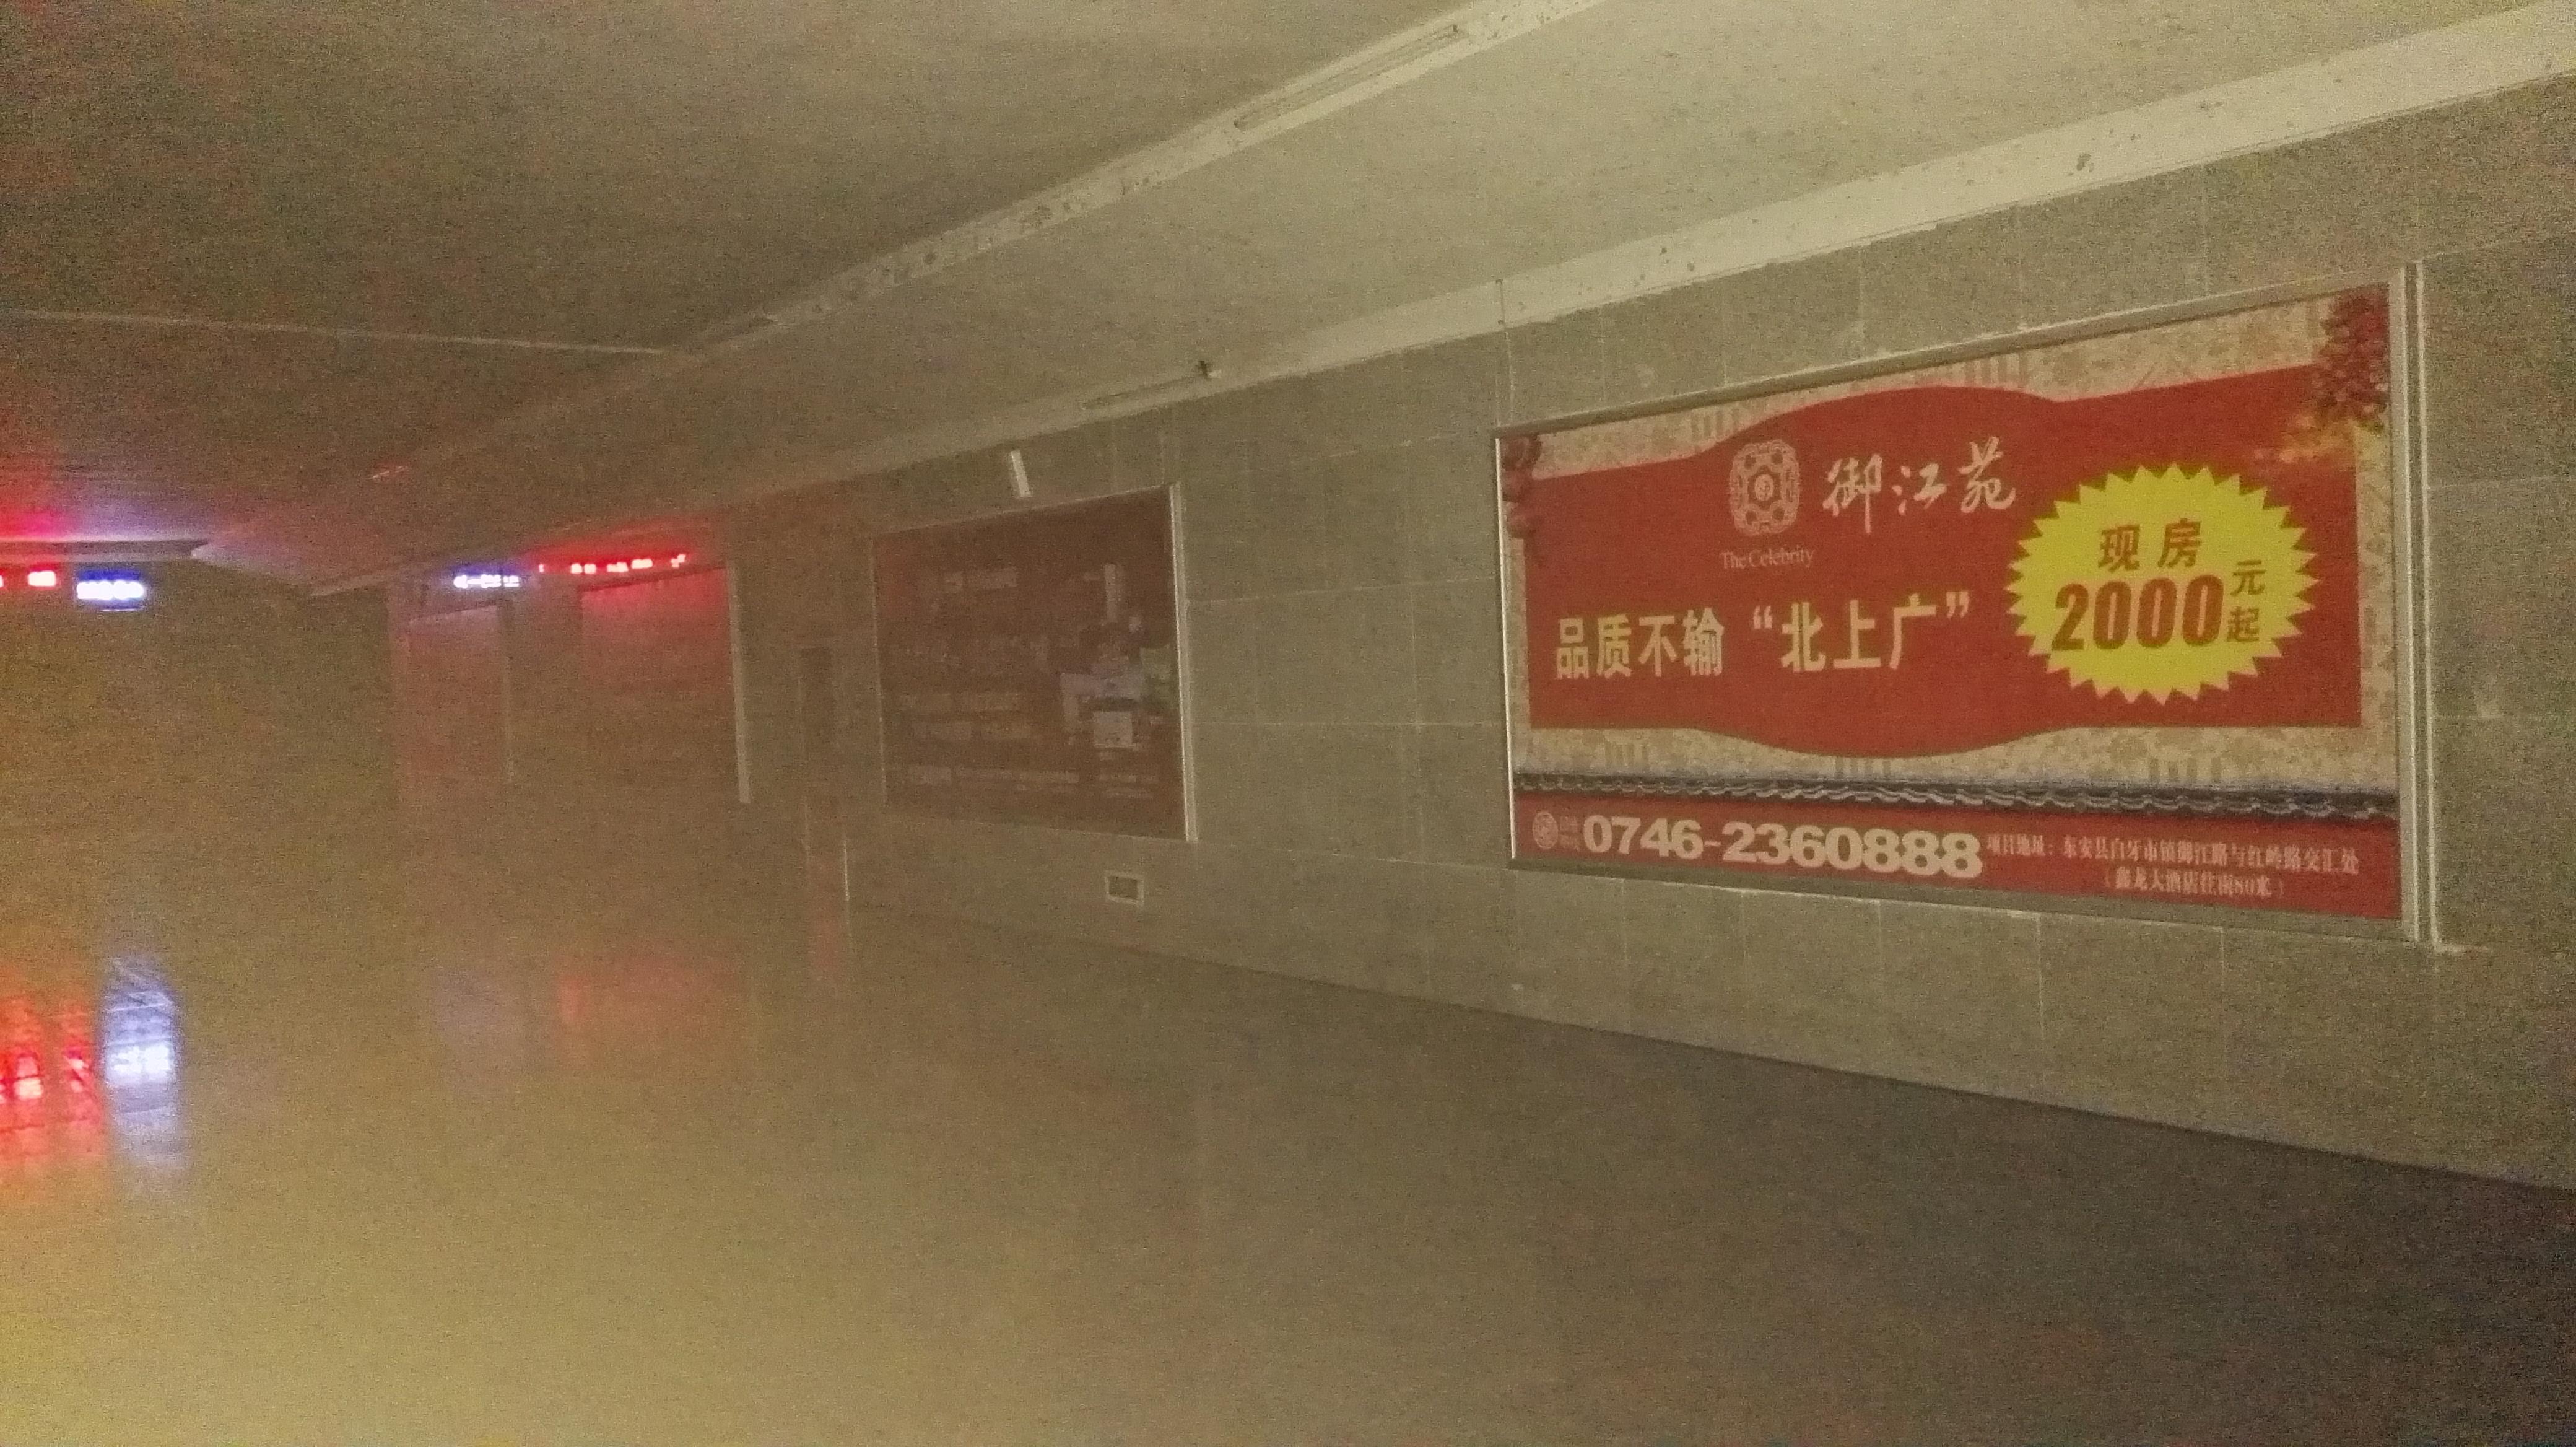 广西桂林市东安东站火车站高铁站地下通道灯箱媒体广告位